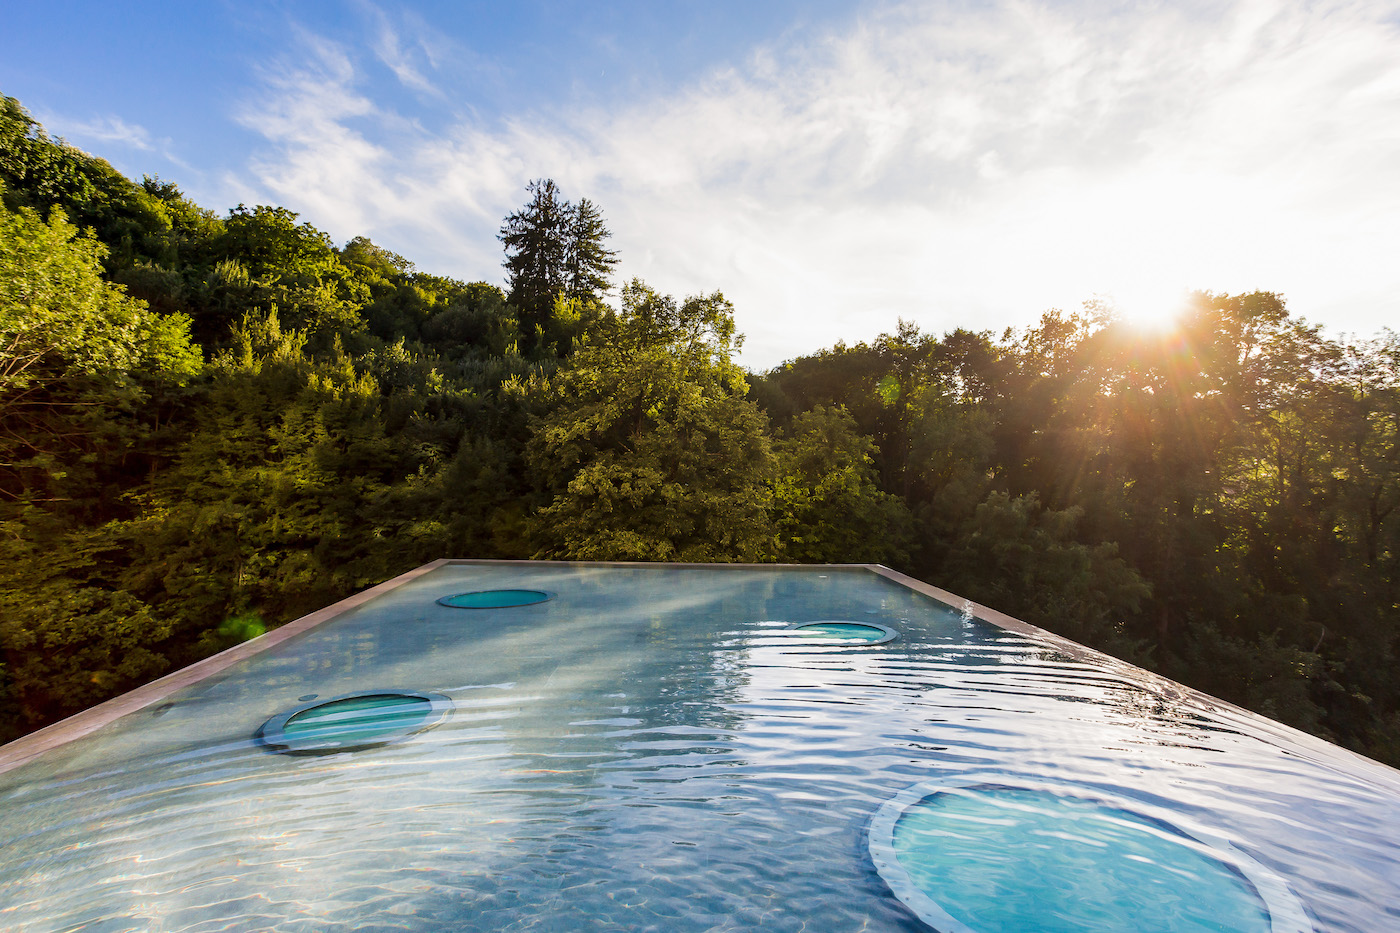 Appartamenti lusso Lugano Ticino Svizzera Piscina a sfioro tetto